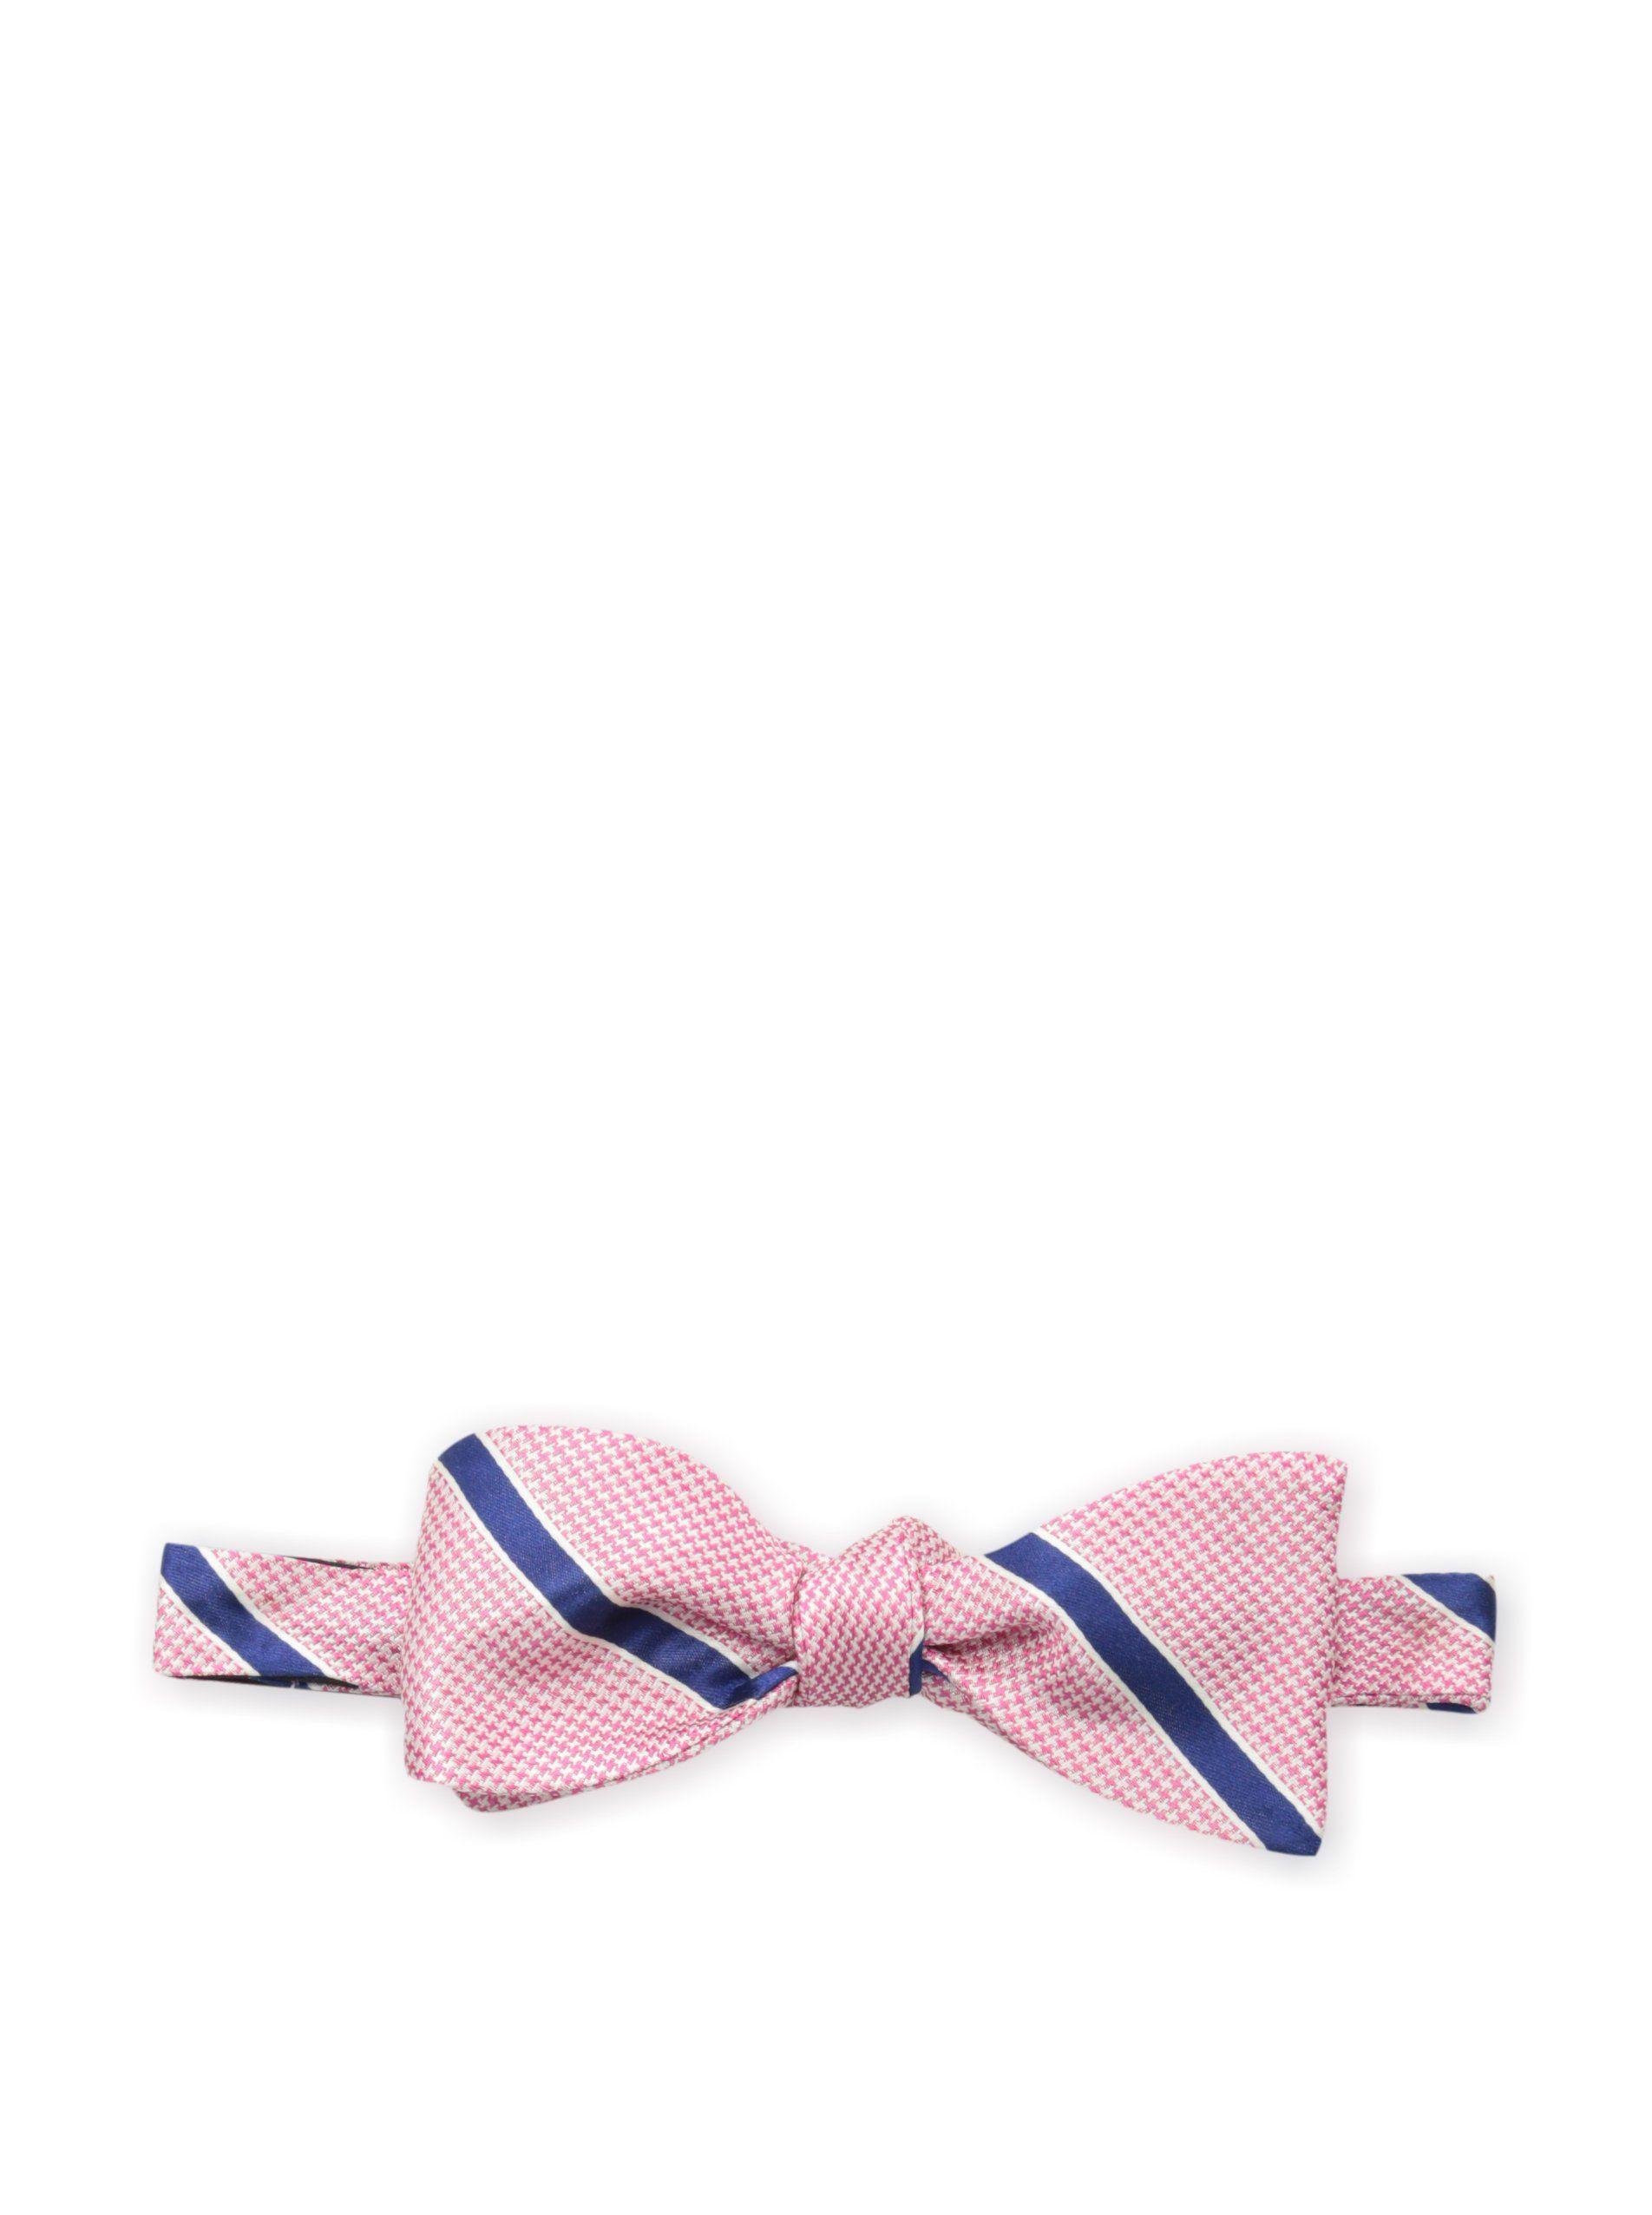 Bruno Piattelli Men's Striped Bow Tie, Pink at MYHABIT